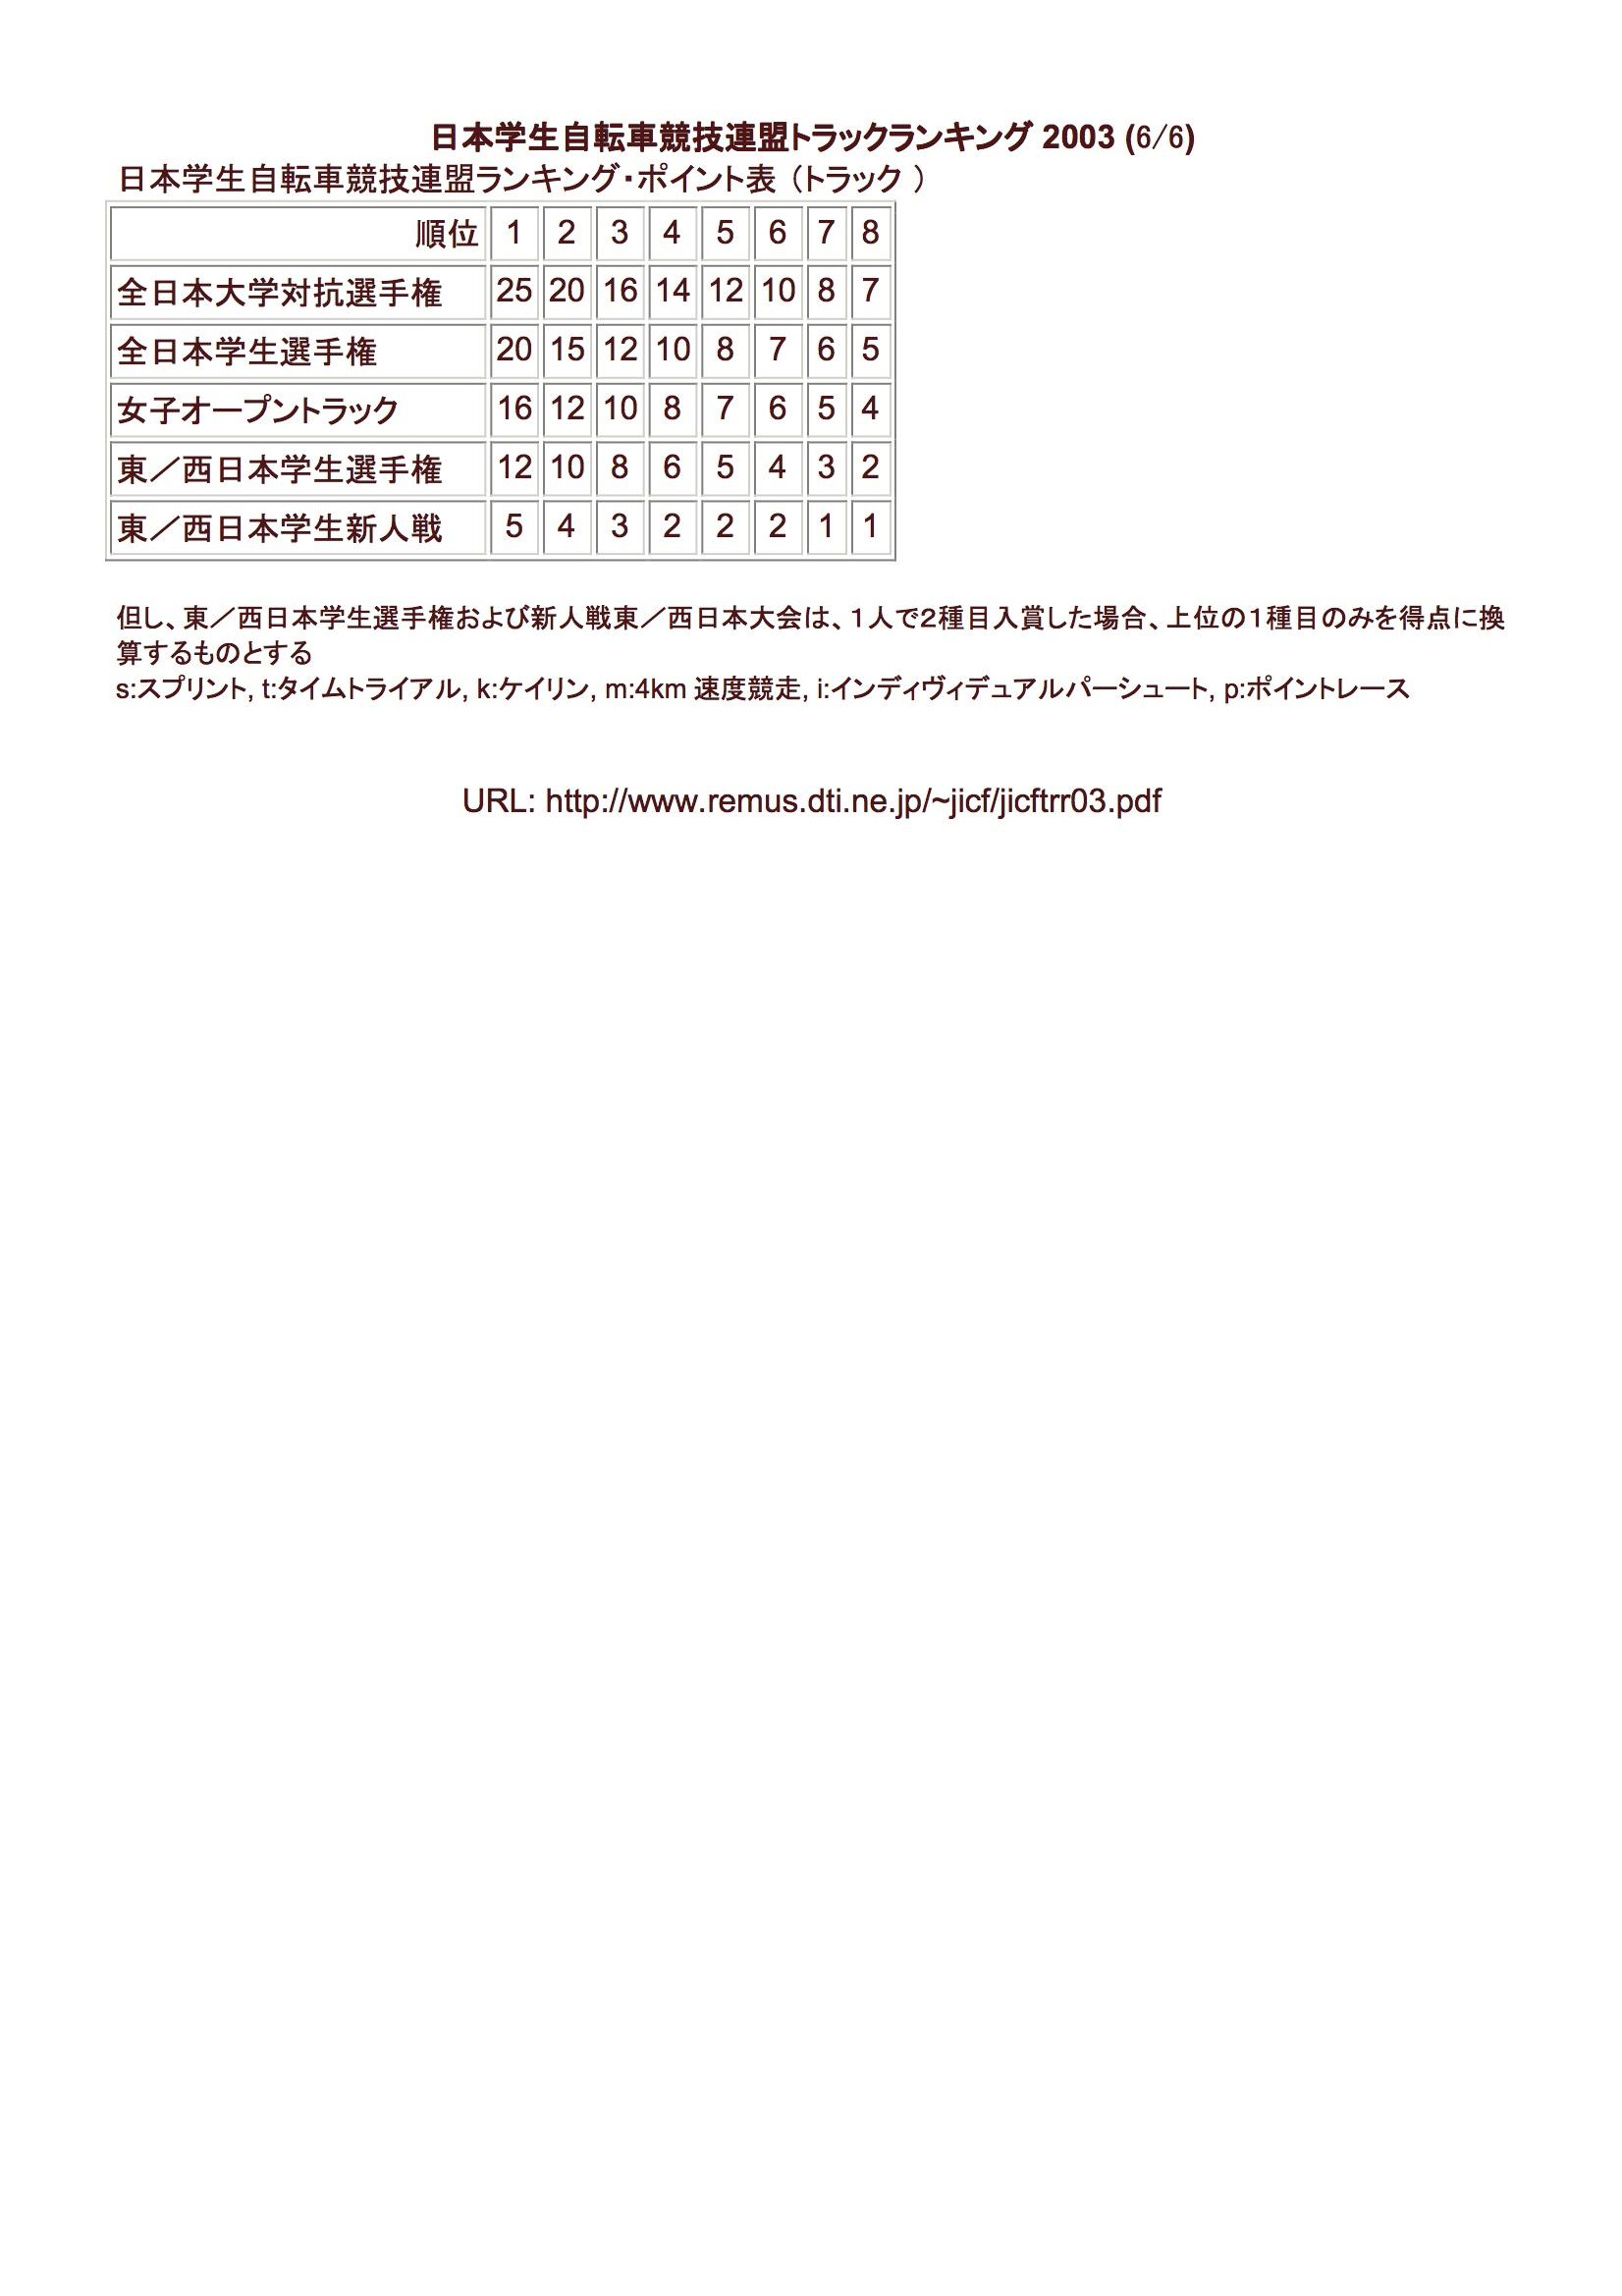 tr_rank_2003_06